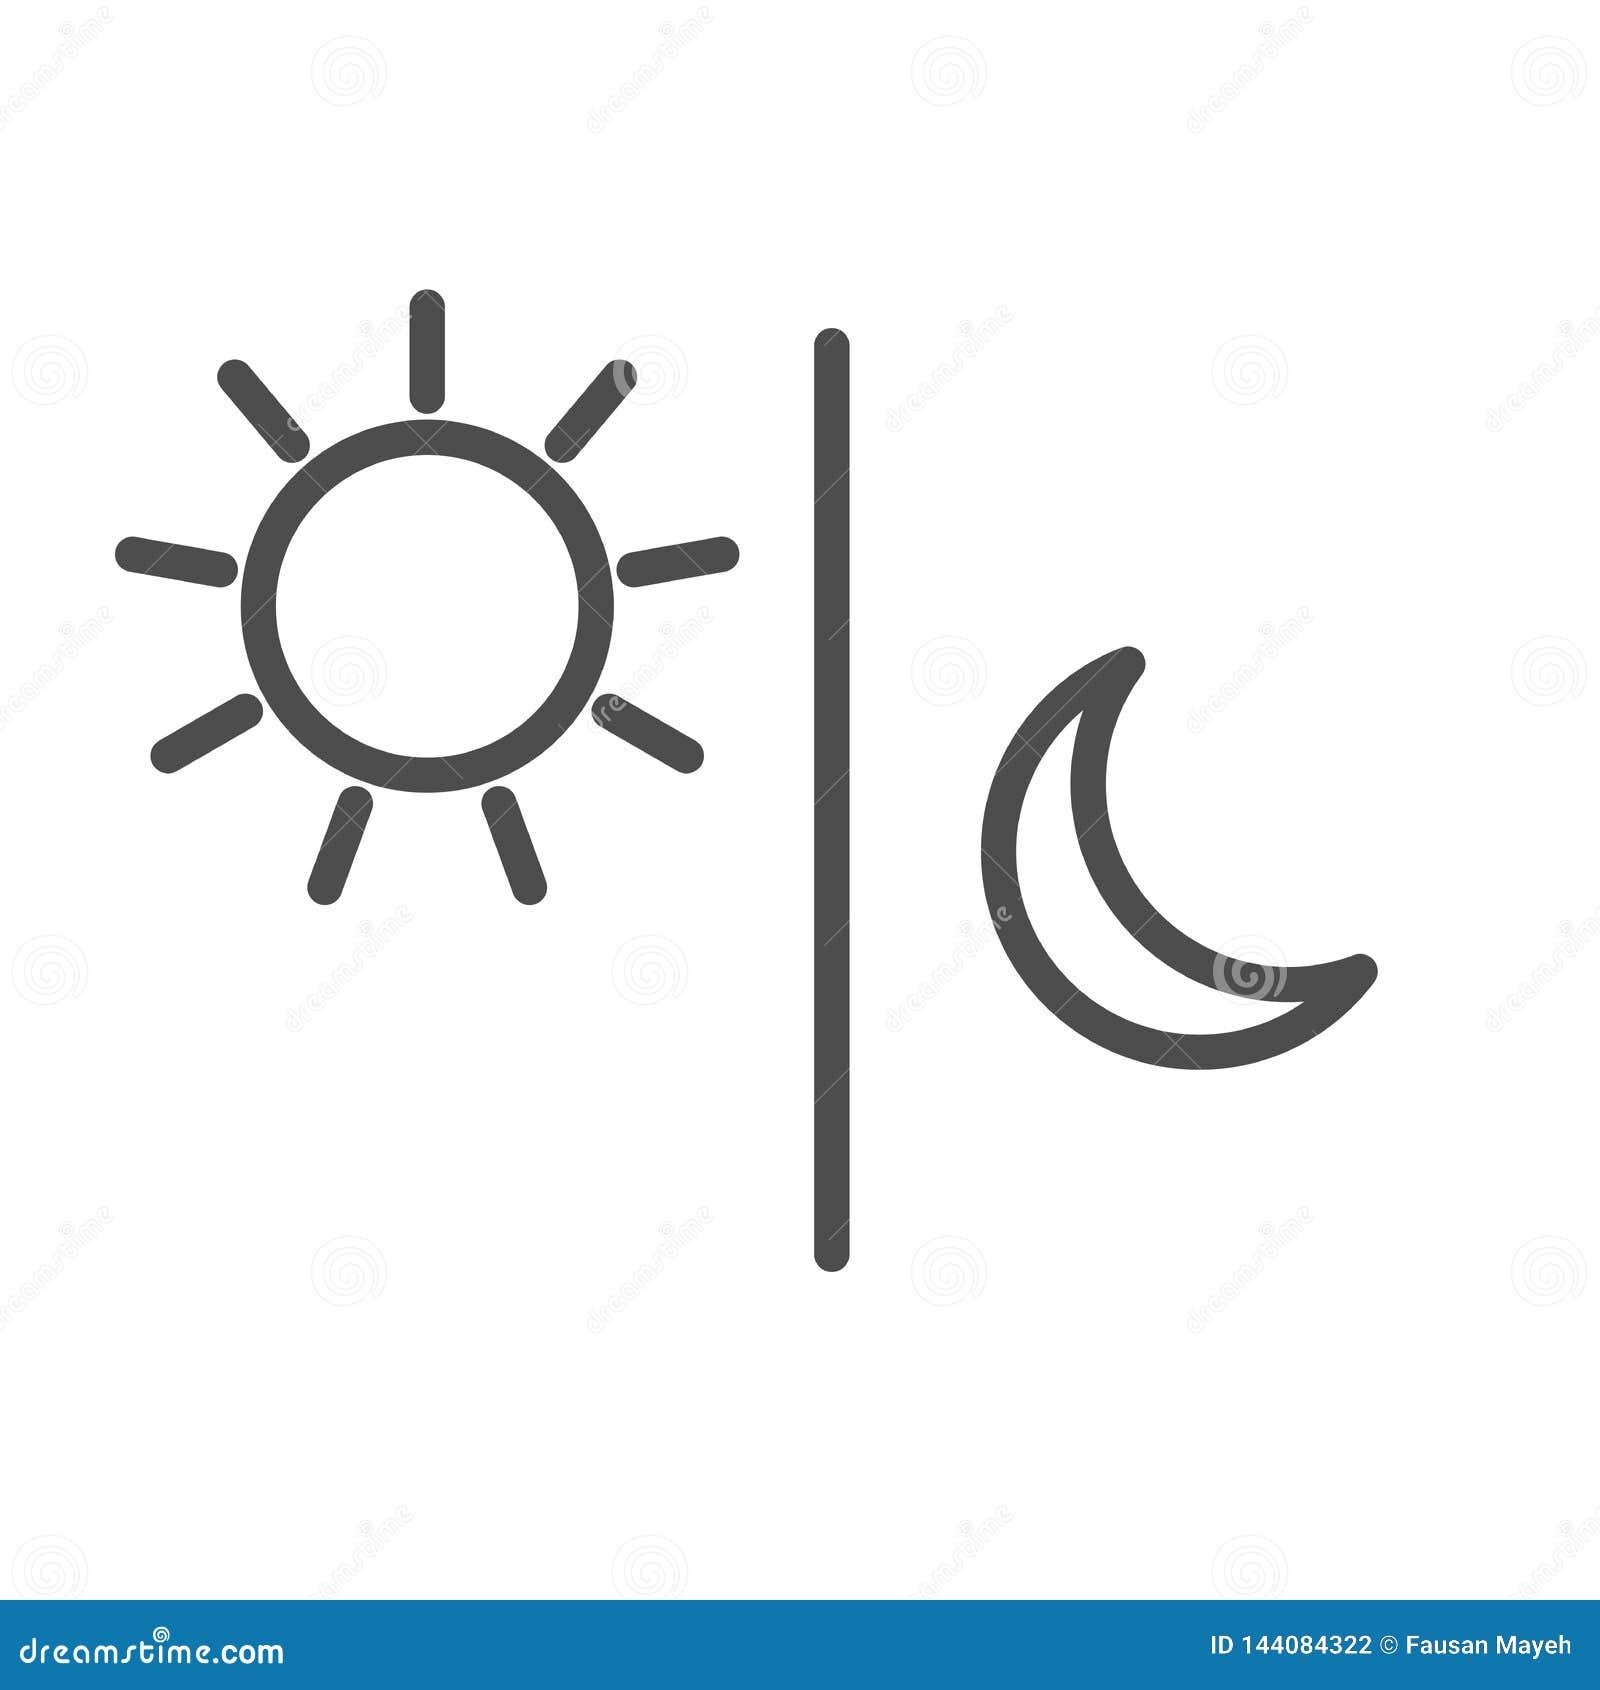 Απομονωμένο απεικόνιση διάνυσμα εικονιδίων φεγγαριών ήλιων